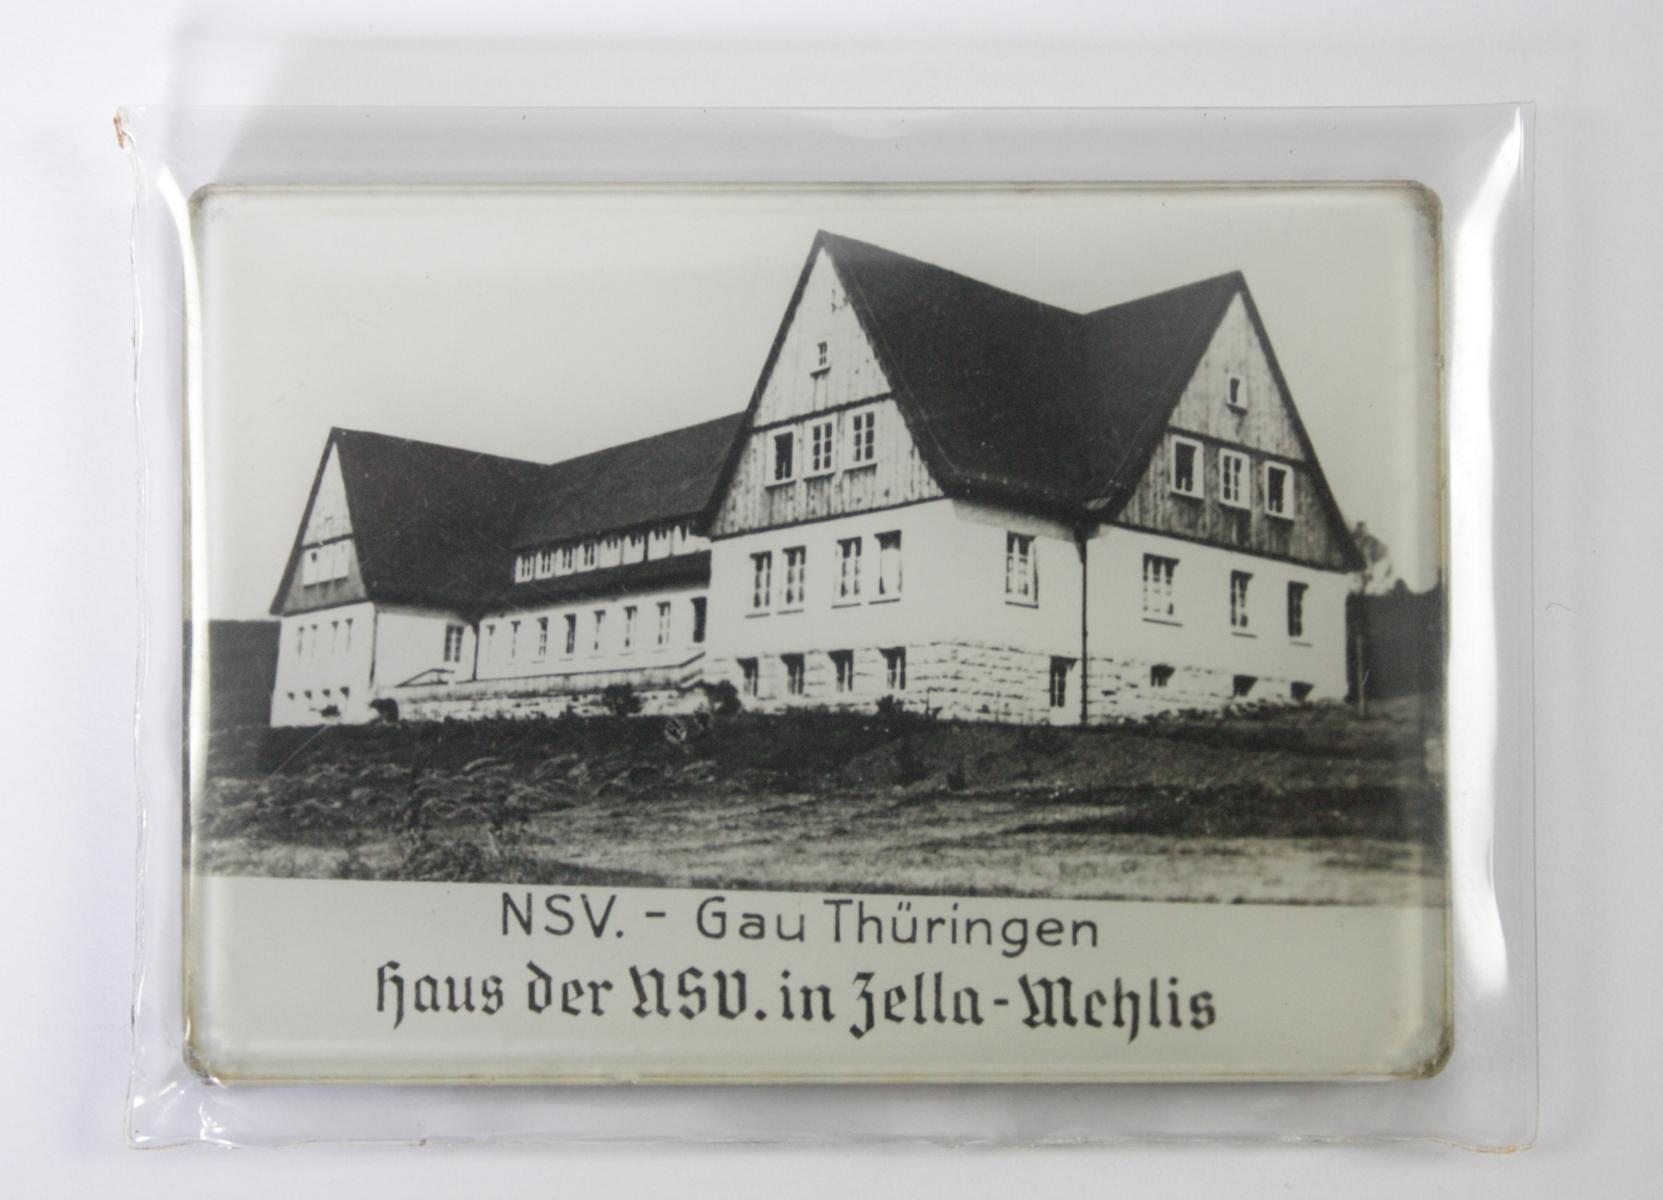 Taschenspiegel, NSV Gau Thüringen. Haus der NSV in Zella-Mehlis